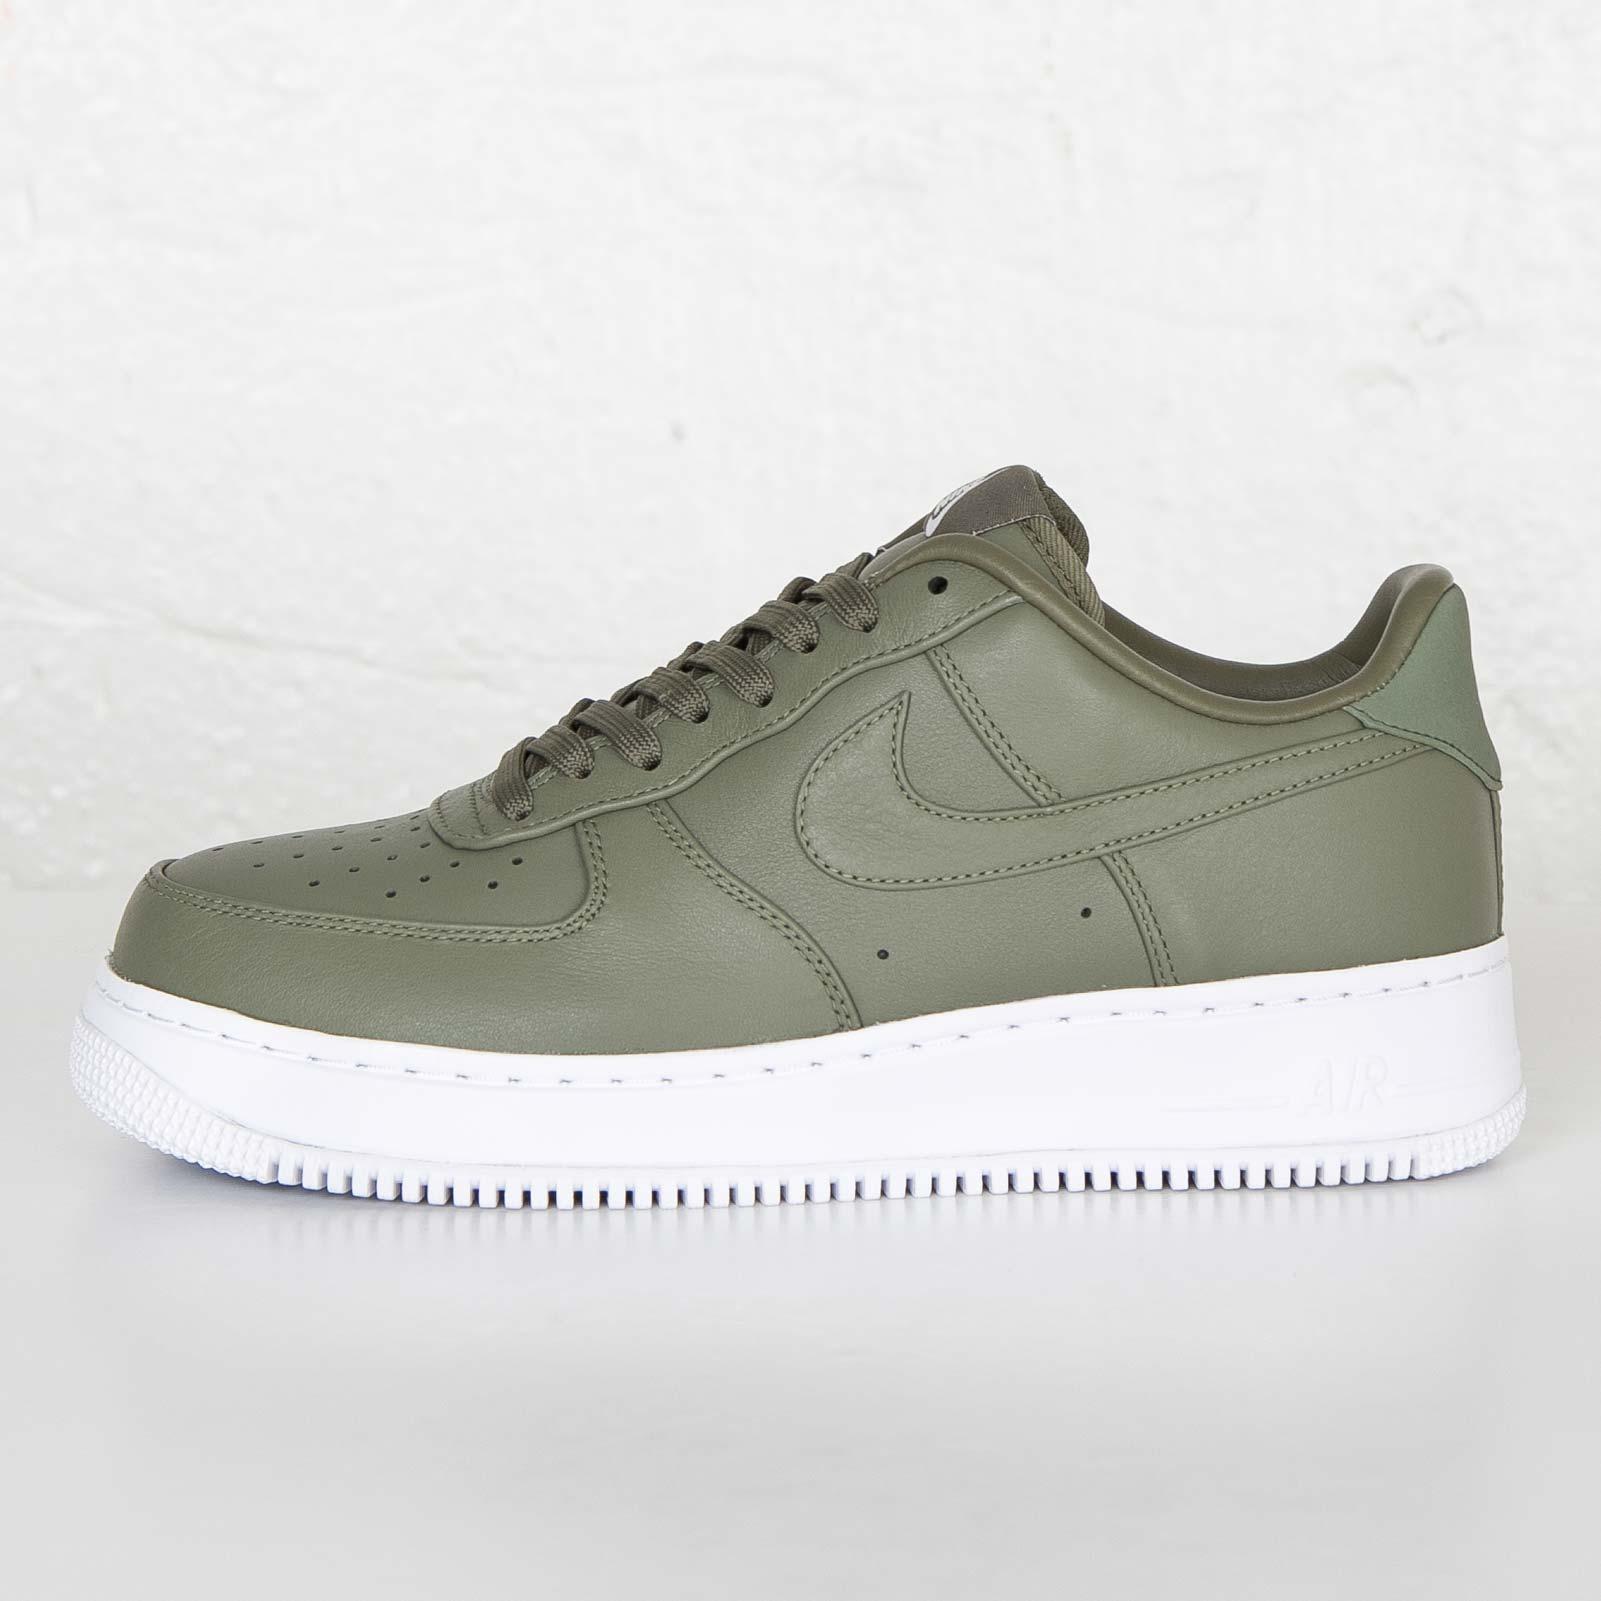 Nike NikeLab Air Force 1 Low 555106 300 Sneakersnstuff